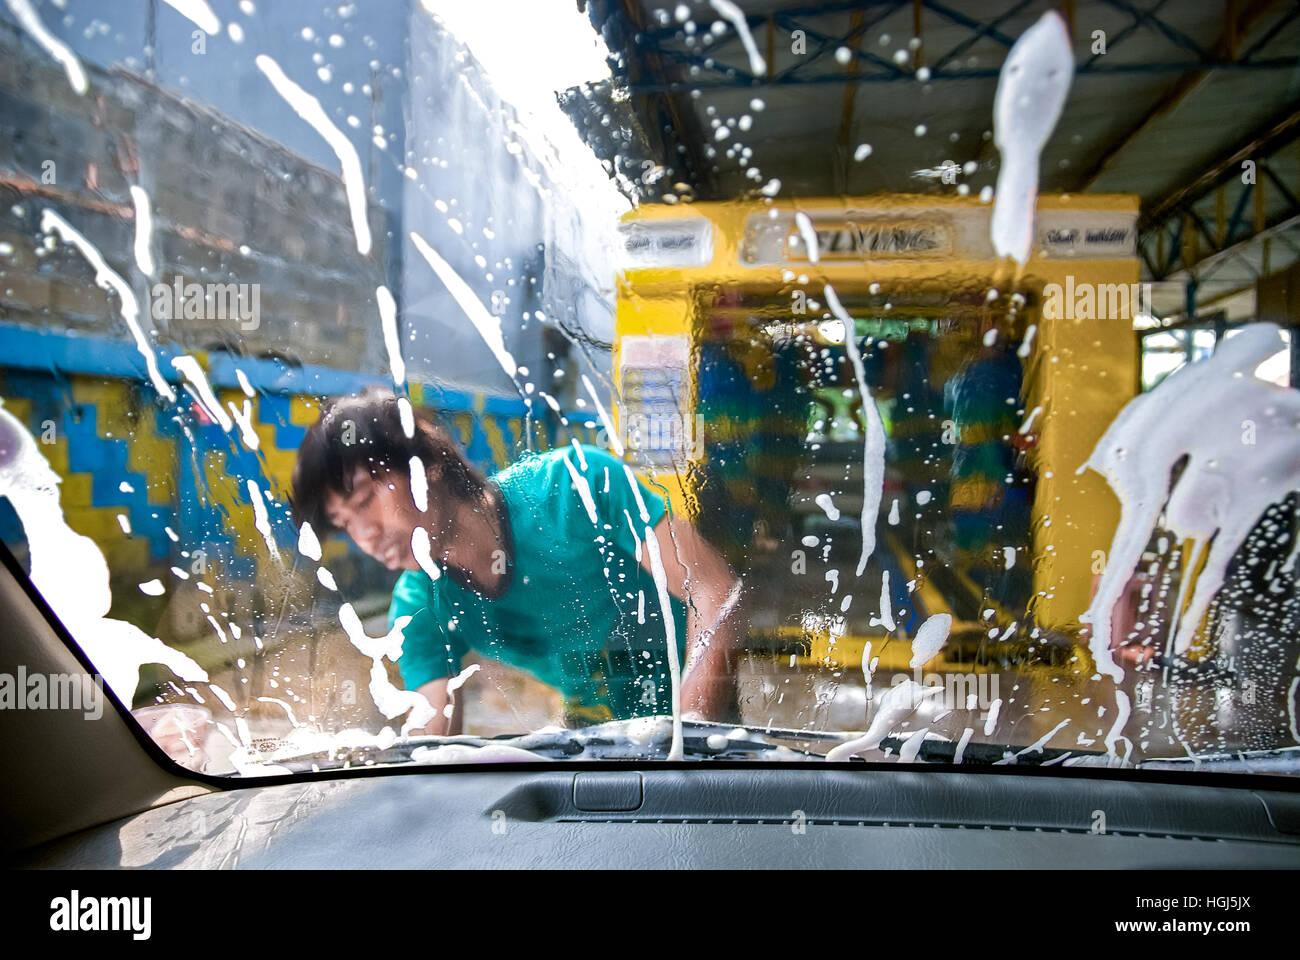 Hand Wash Car Wash >> Hand Car Wash Service In Jakarta Indonesia C Reynold